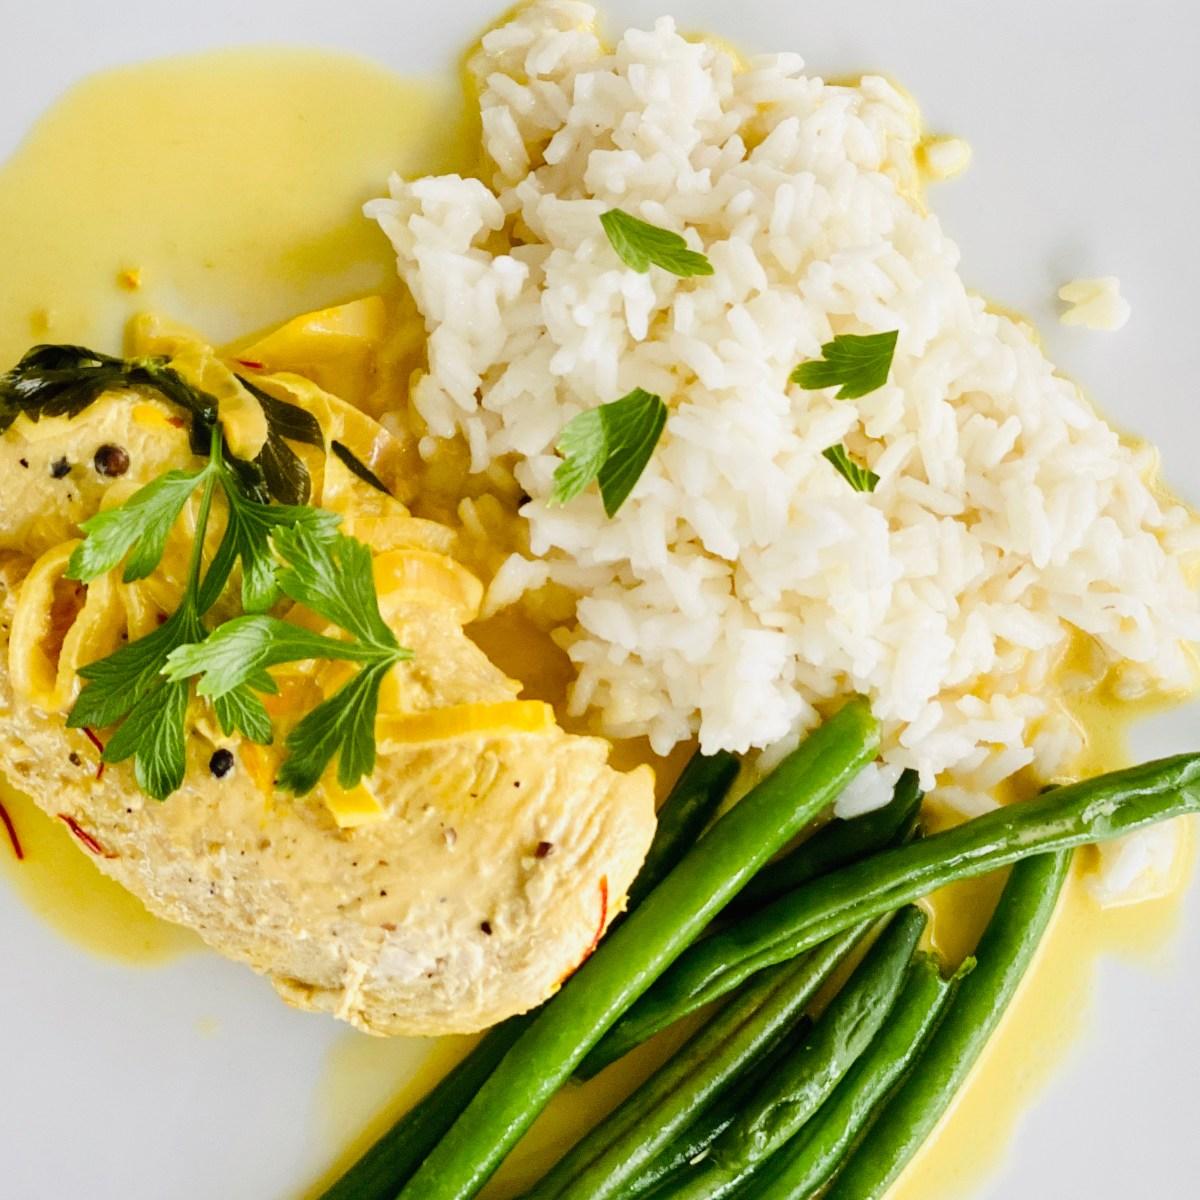 Saffron cream chicken recipe